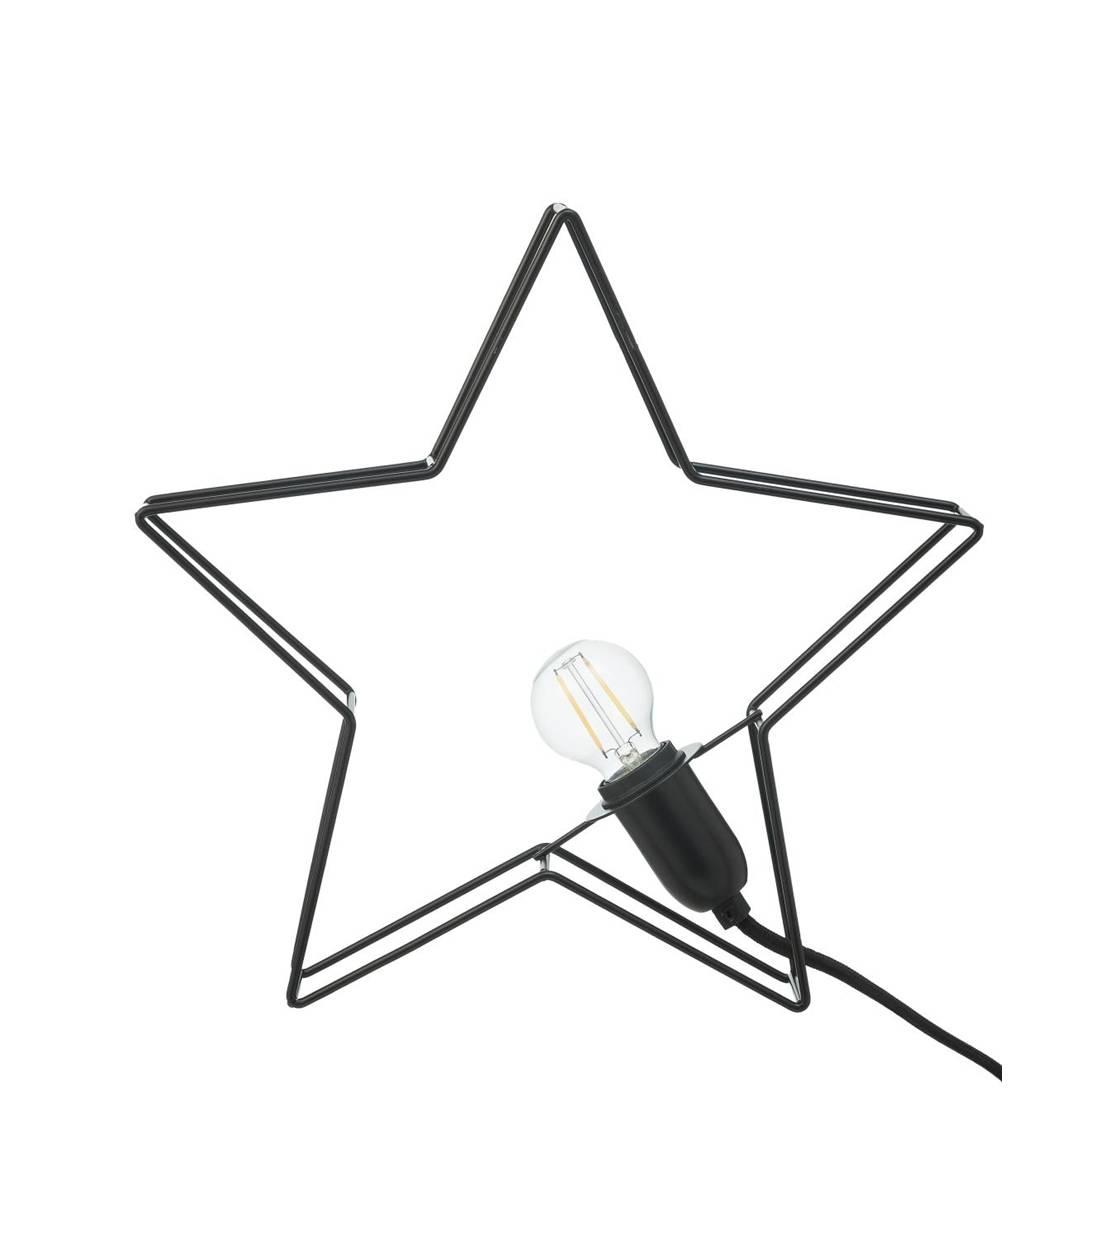 zwart-metalen-lamp-60100368-productzoom_rd